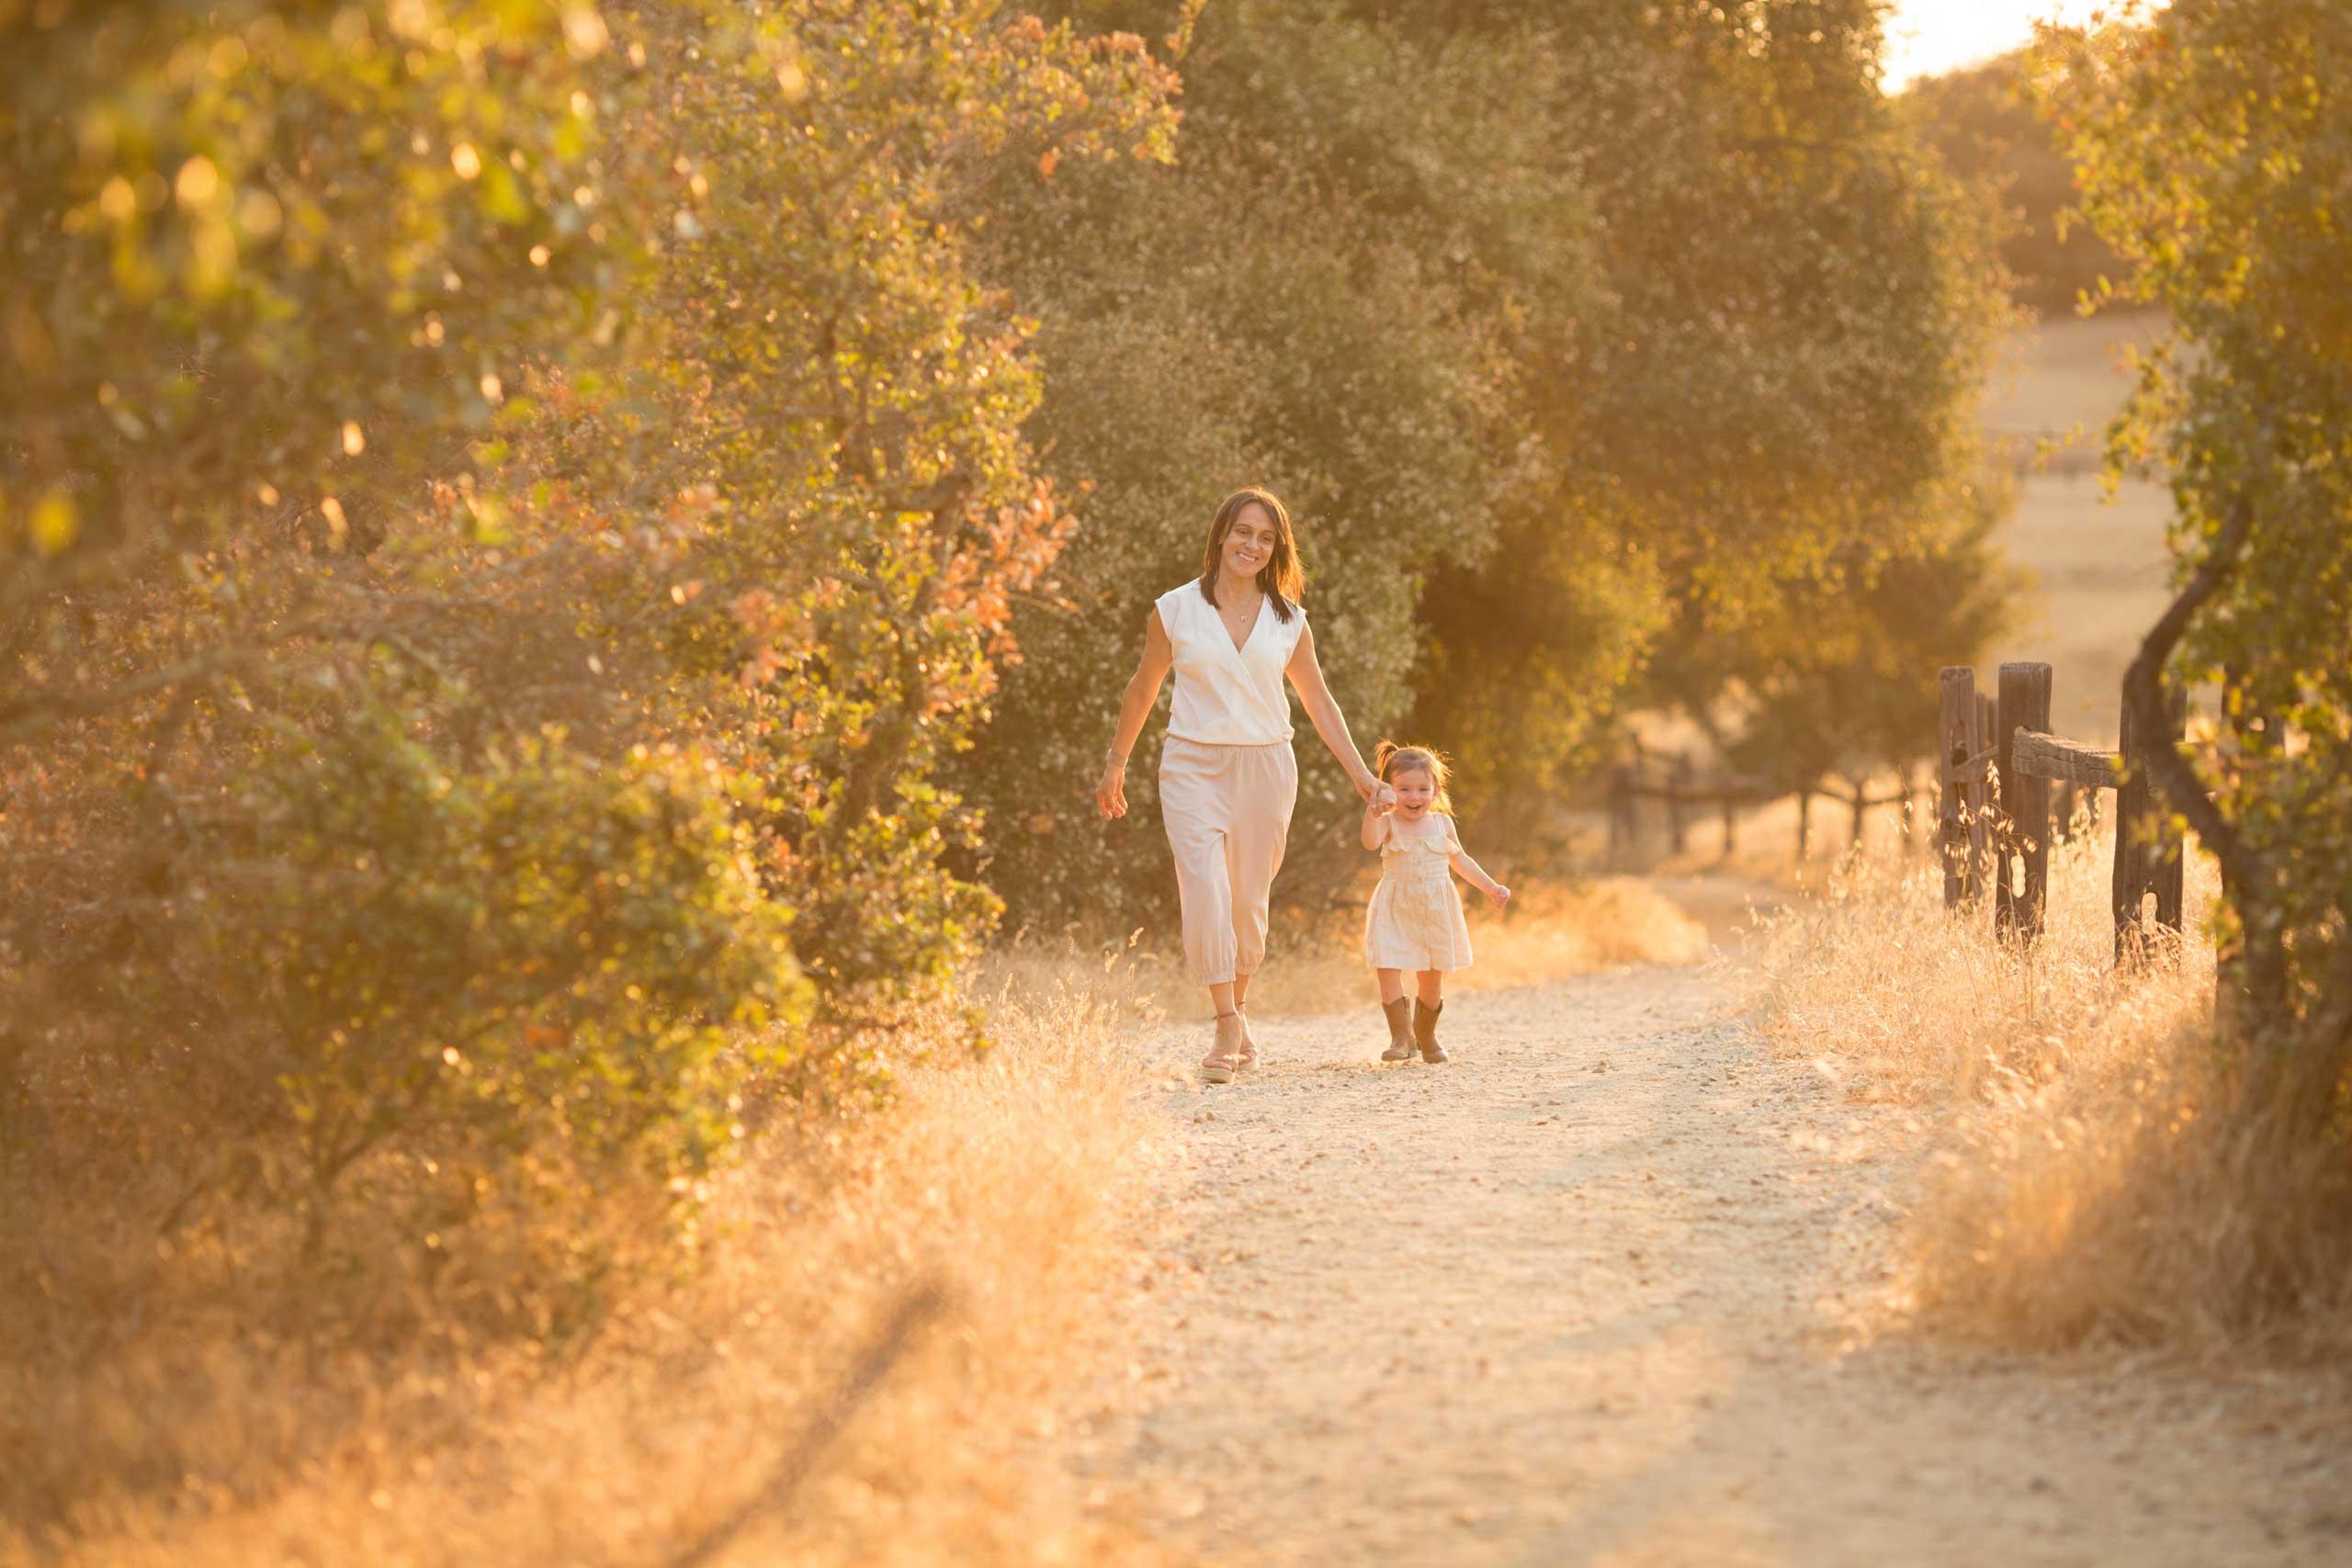 Family Photographer Los Angeles Ramina Magid